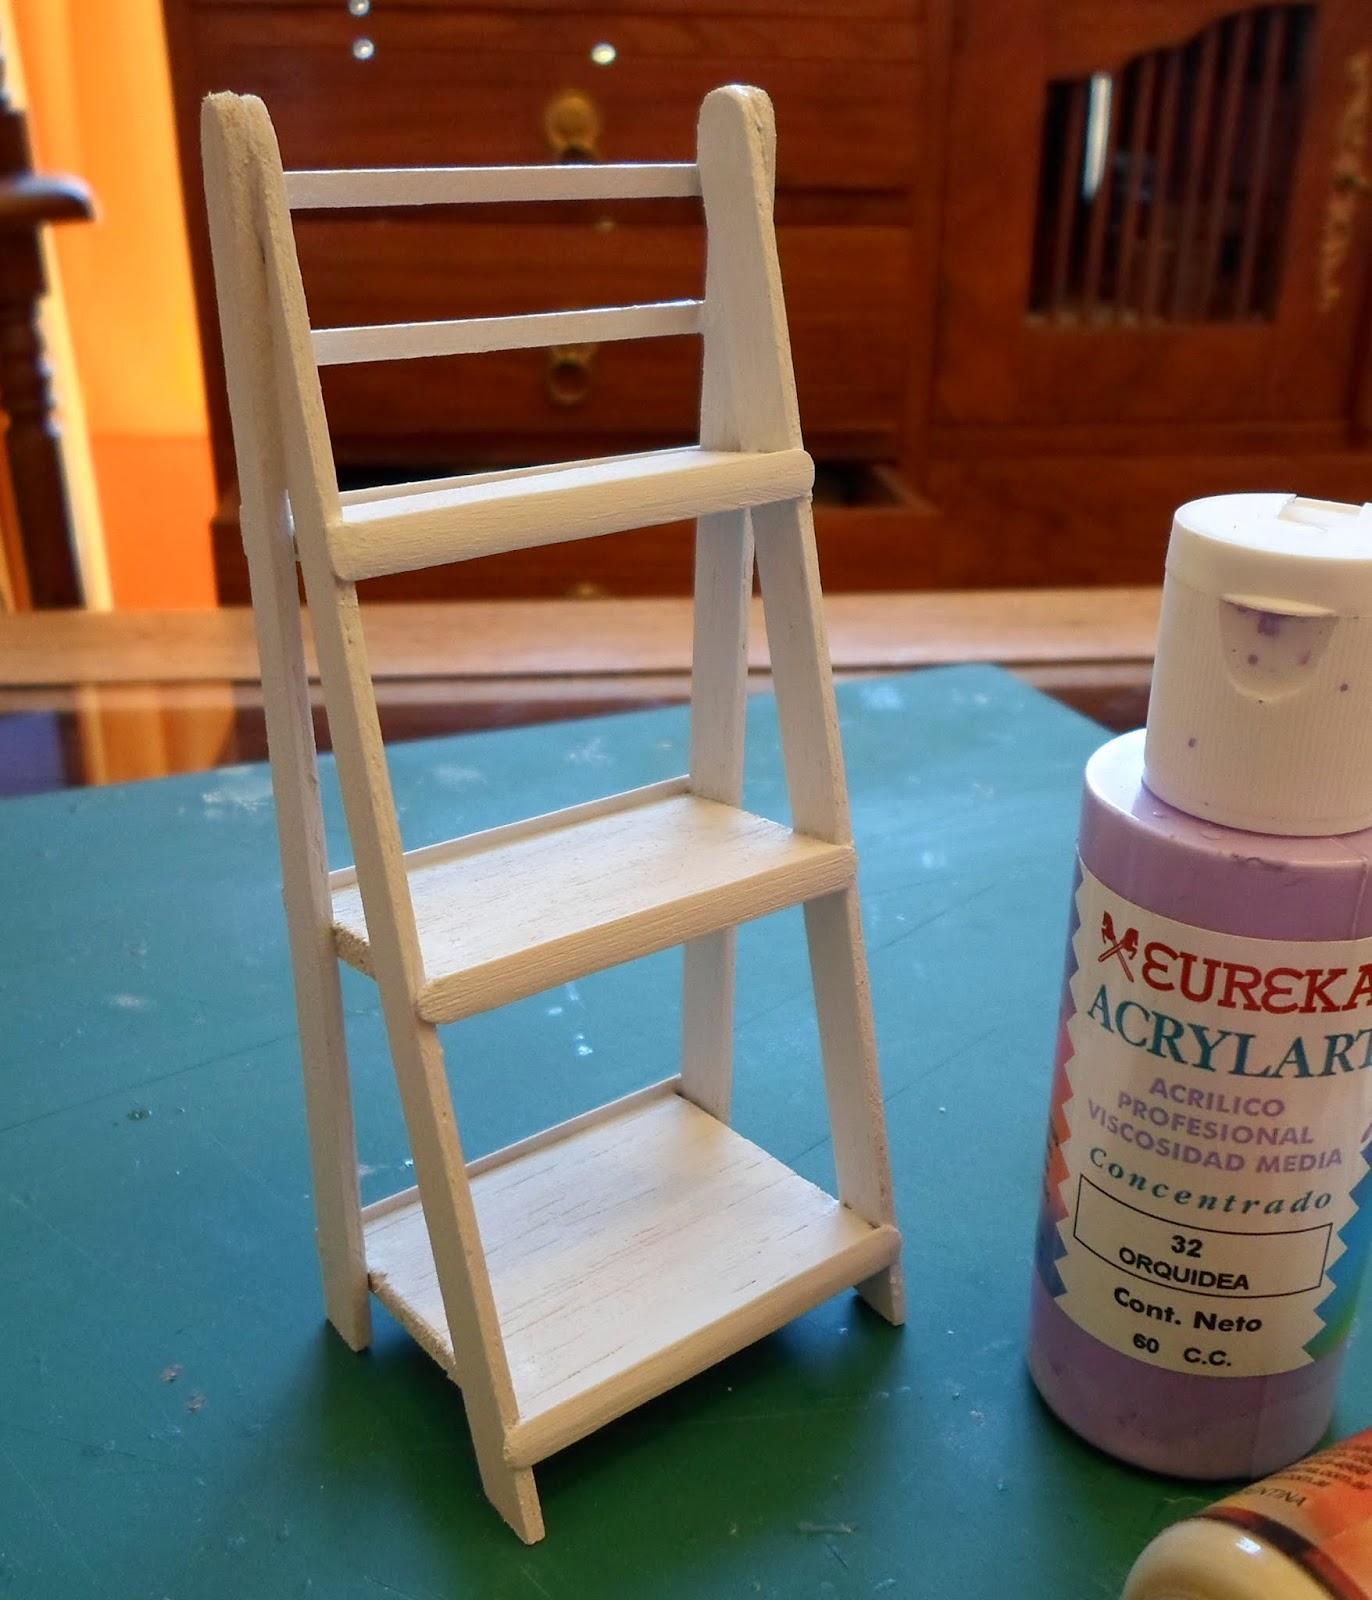 Las margaritas escalera estante de madera para mis - Escalera madera ...